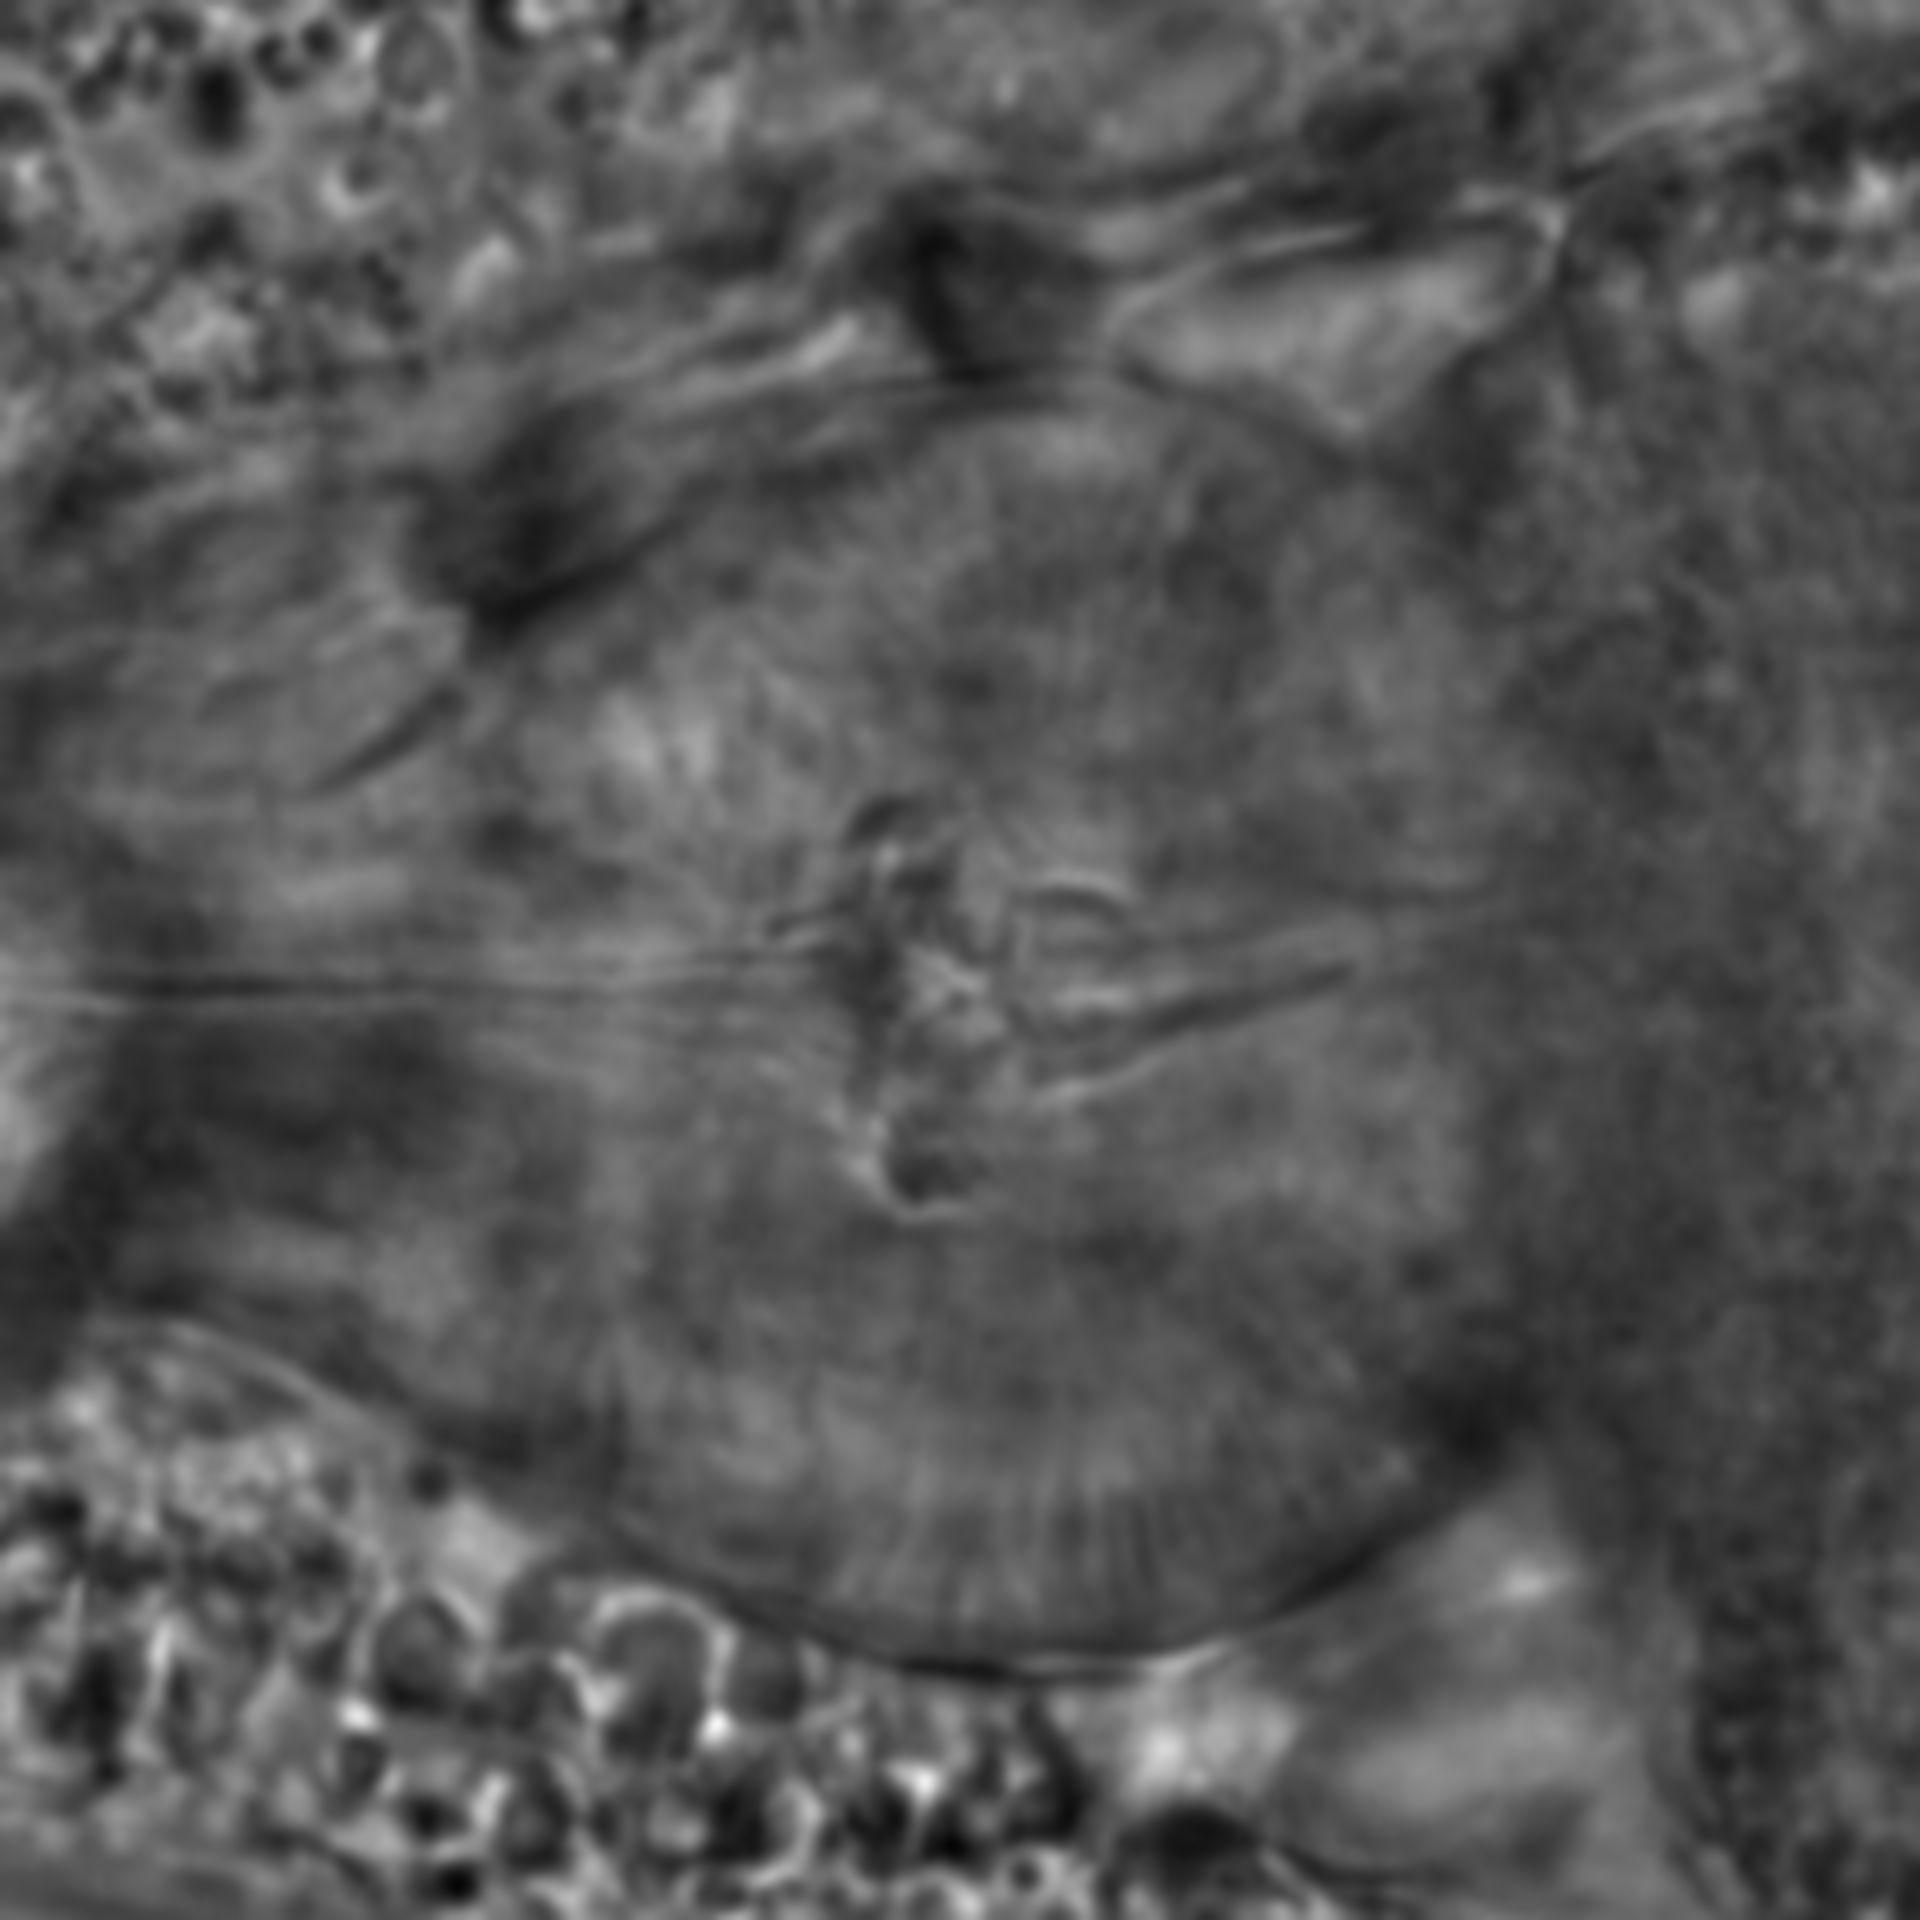 Caenorhabditis elegans - CIL:1776